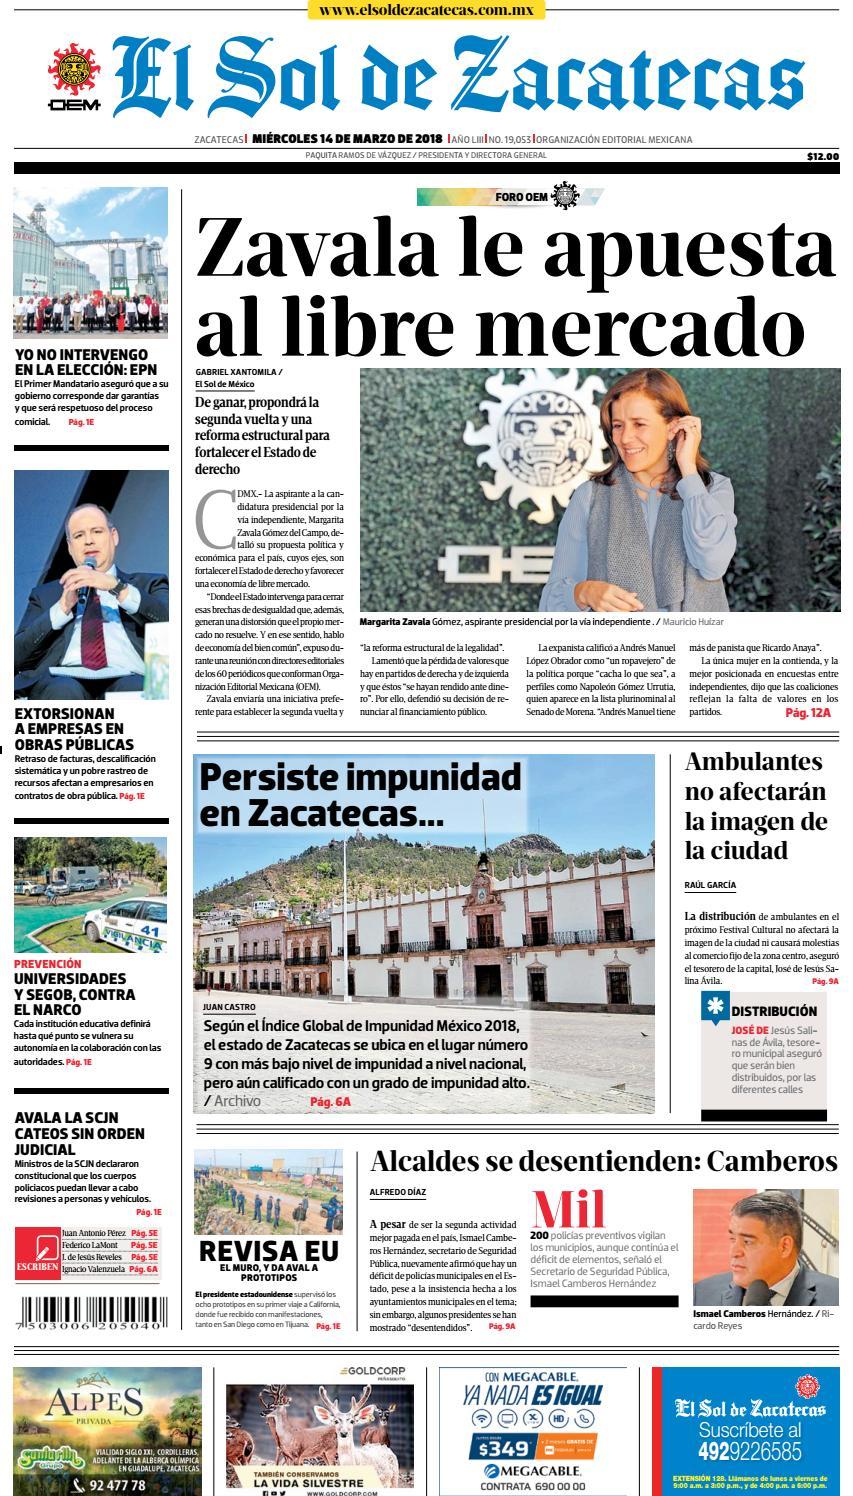 9b811e2323f El Sol de Zacatecas 14 de marzo 2018 by El Sol de Zacatecas - issuu